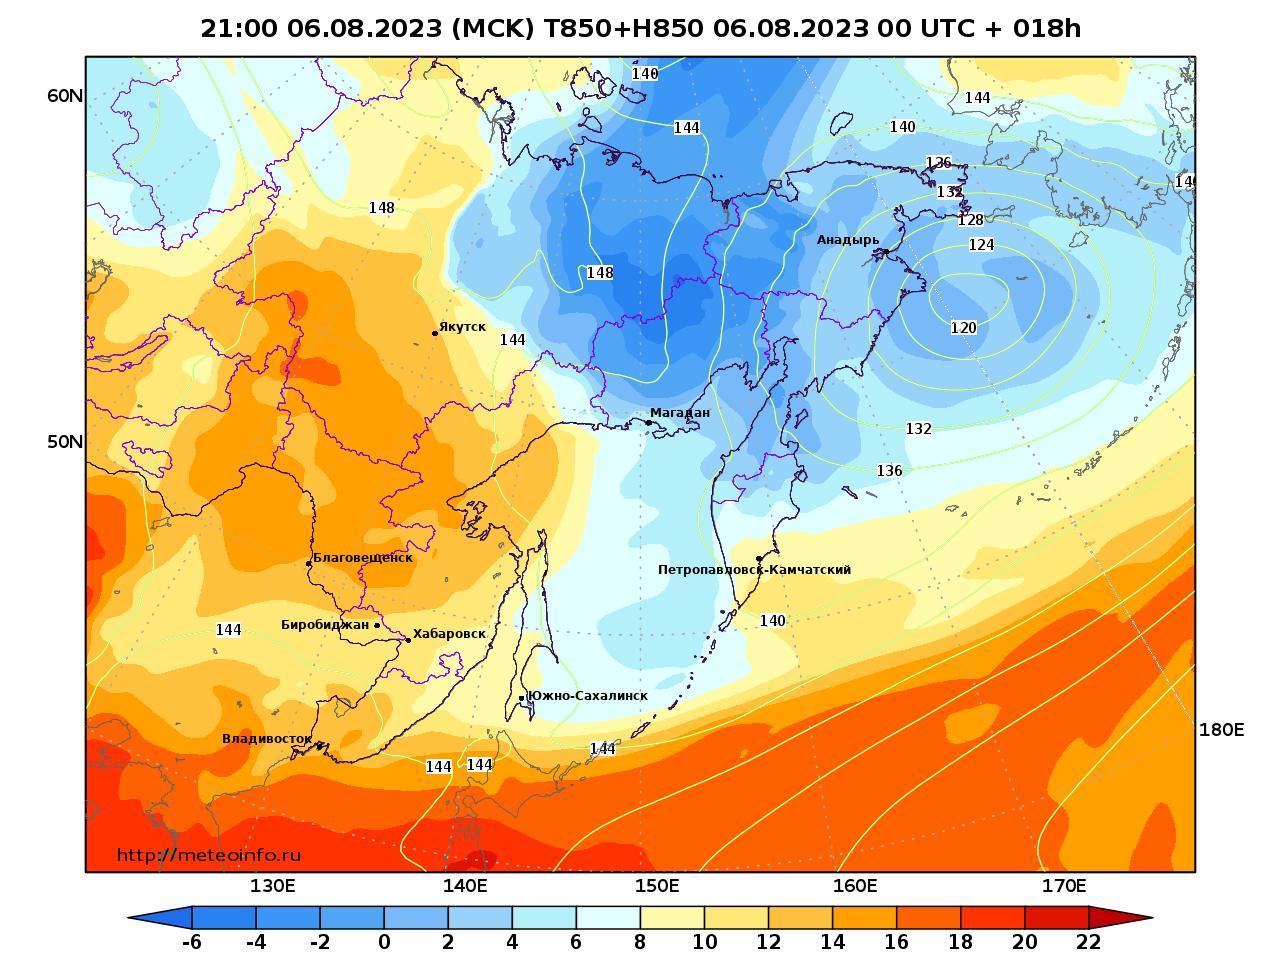 Дальний Восток, прогностическая карта температура T850 и геопотенциал H850, заблаговременность прогноза 18 часов